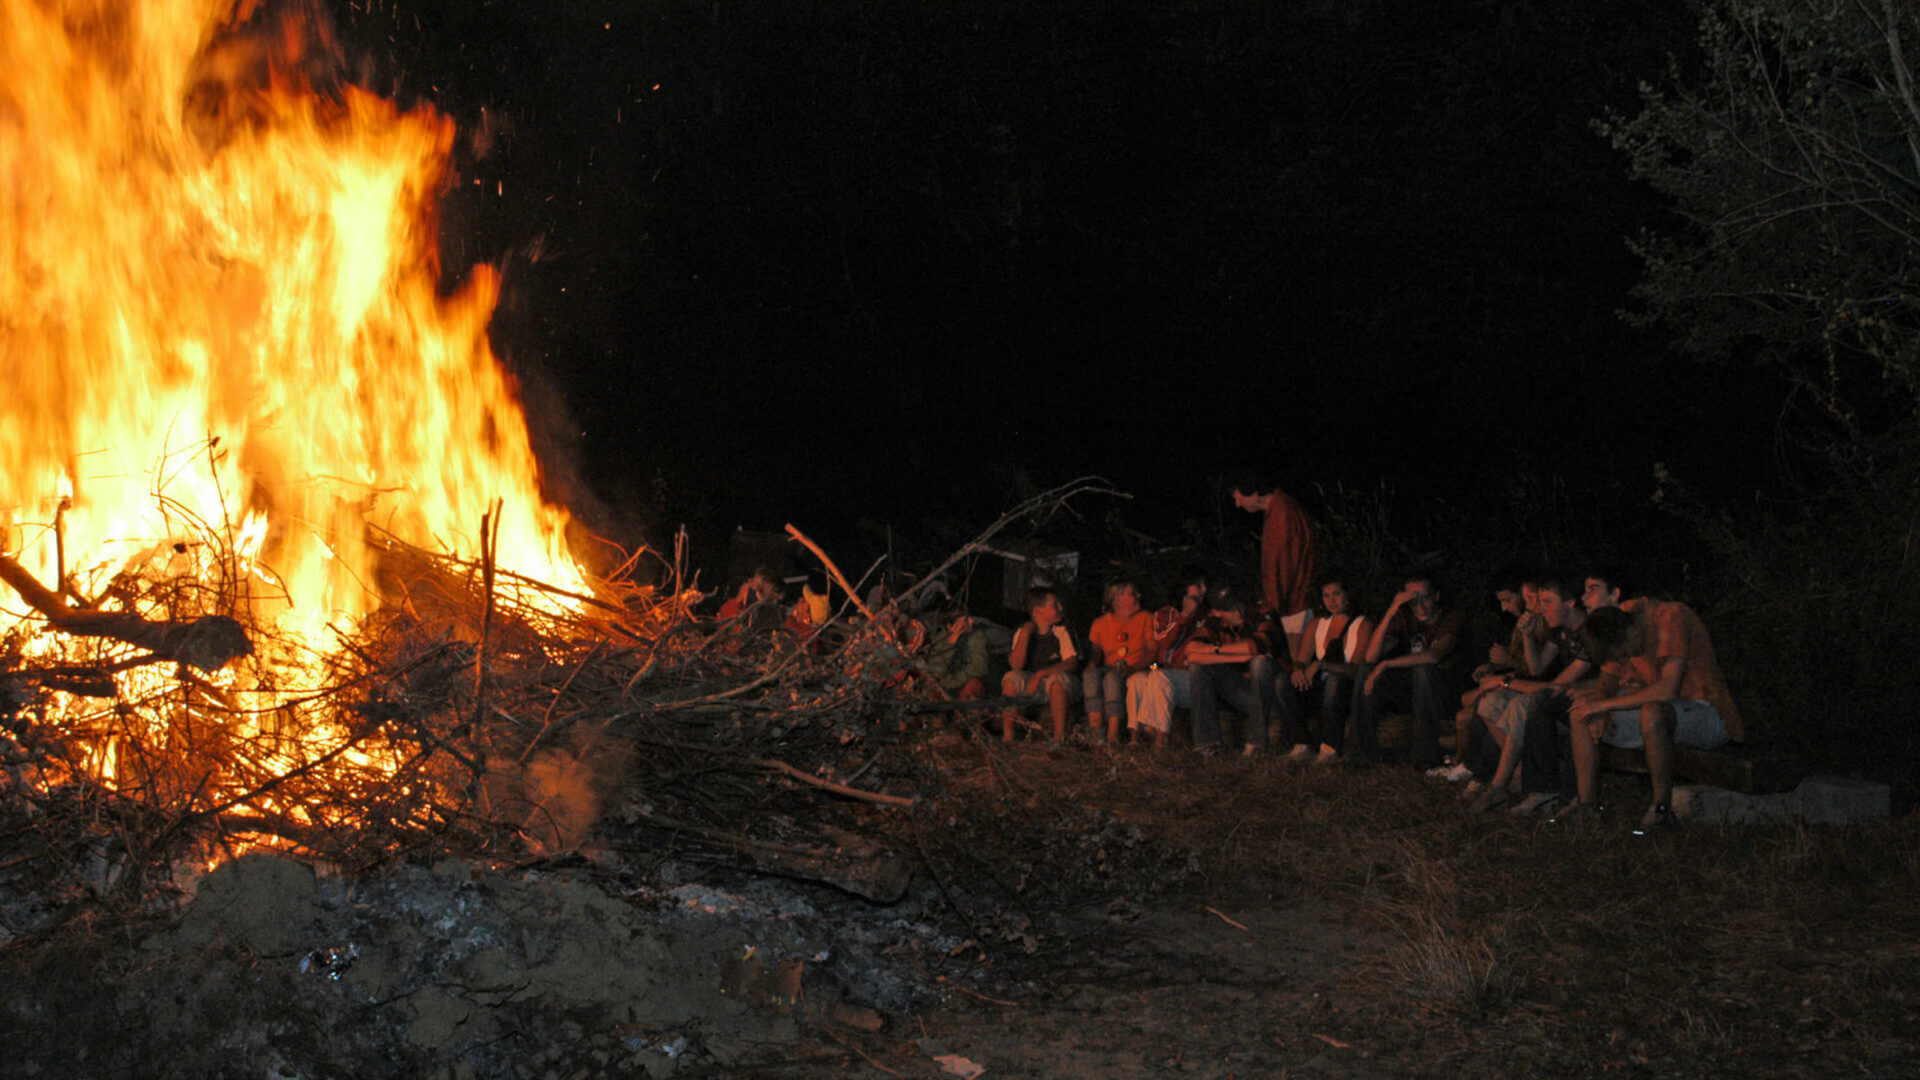 naturist campsite evening